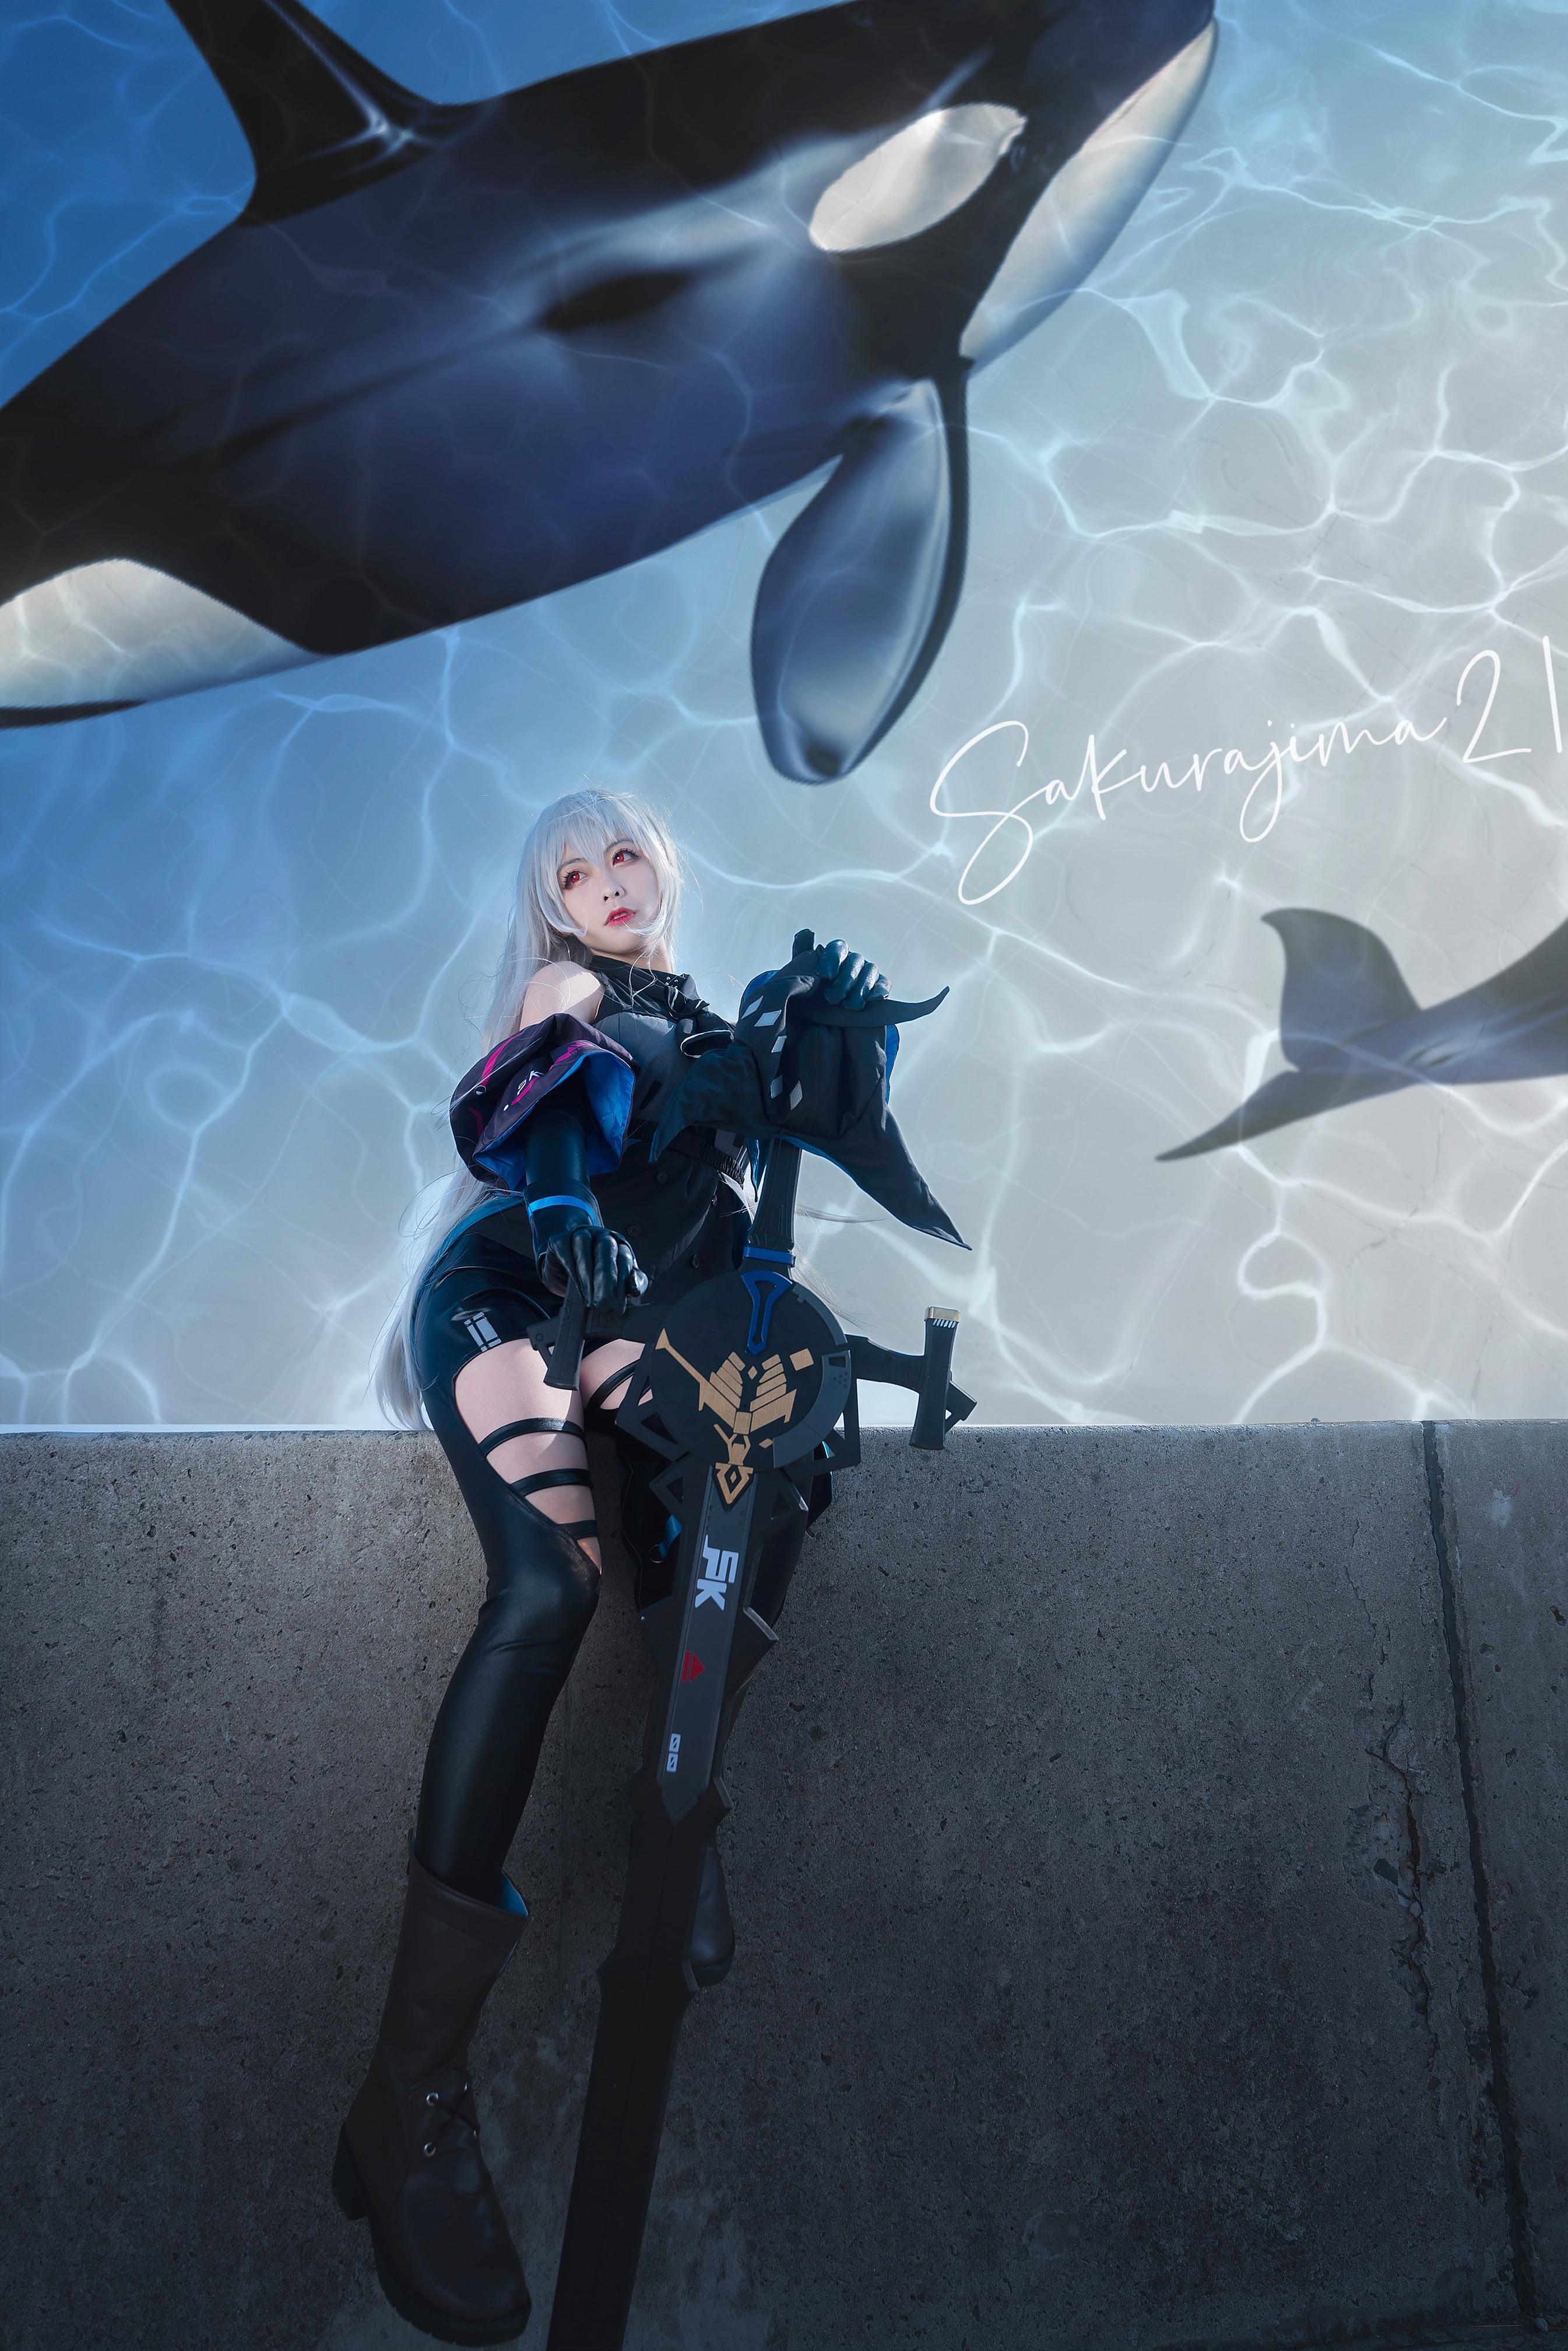 《明日方舟》正片cosplay【CN:樱岛嗷一】-第9张